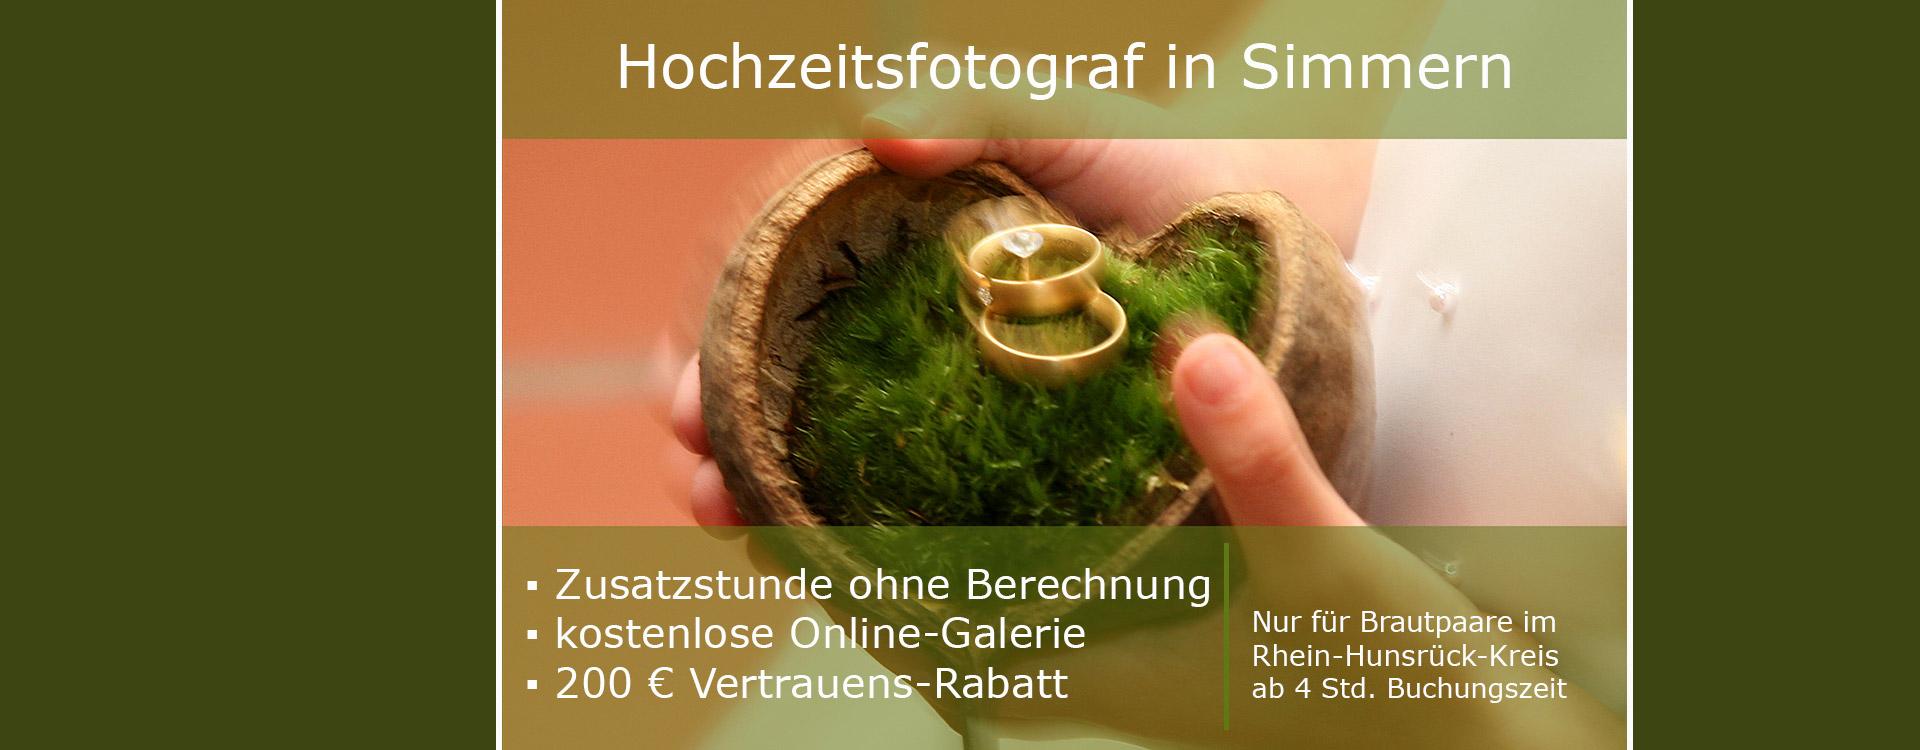 Hochzeitsfotograf-Simmern, Preise